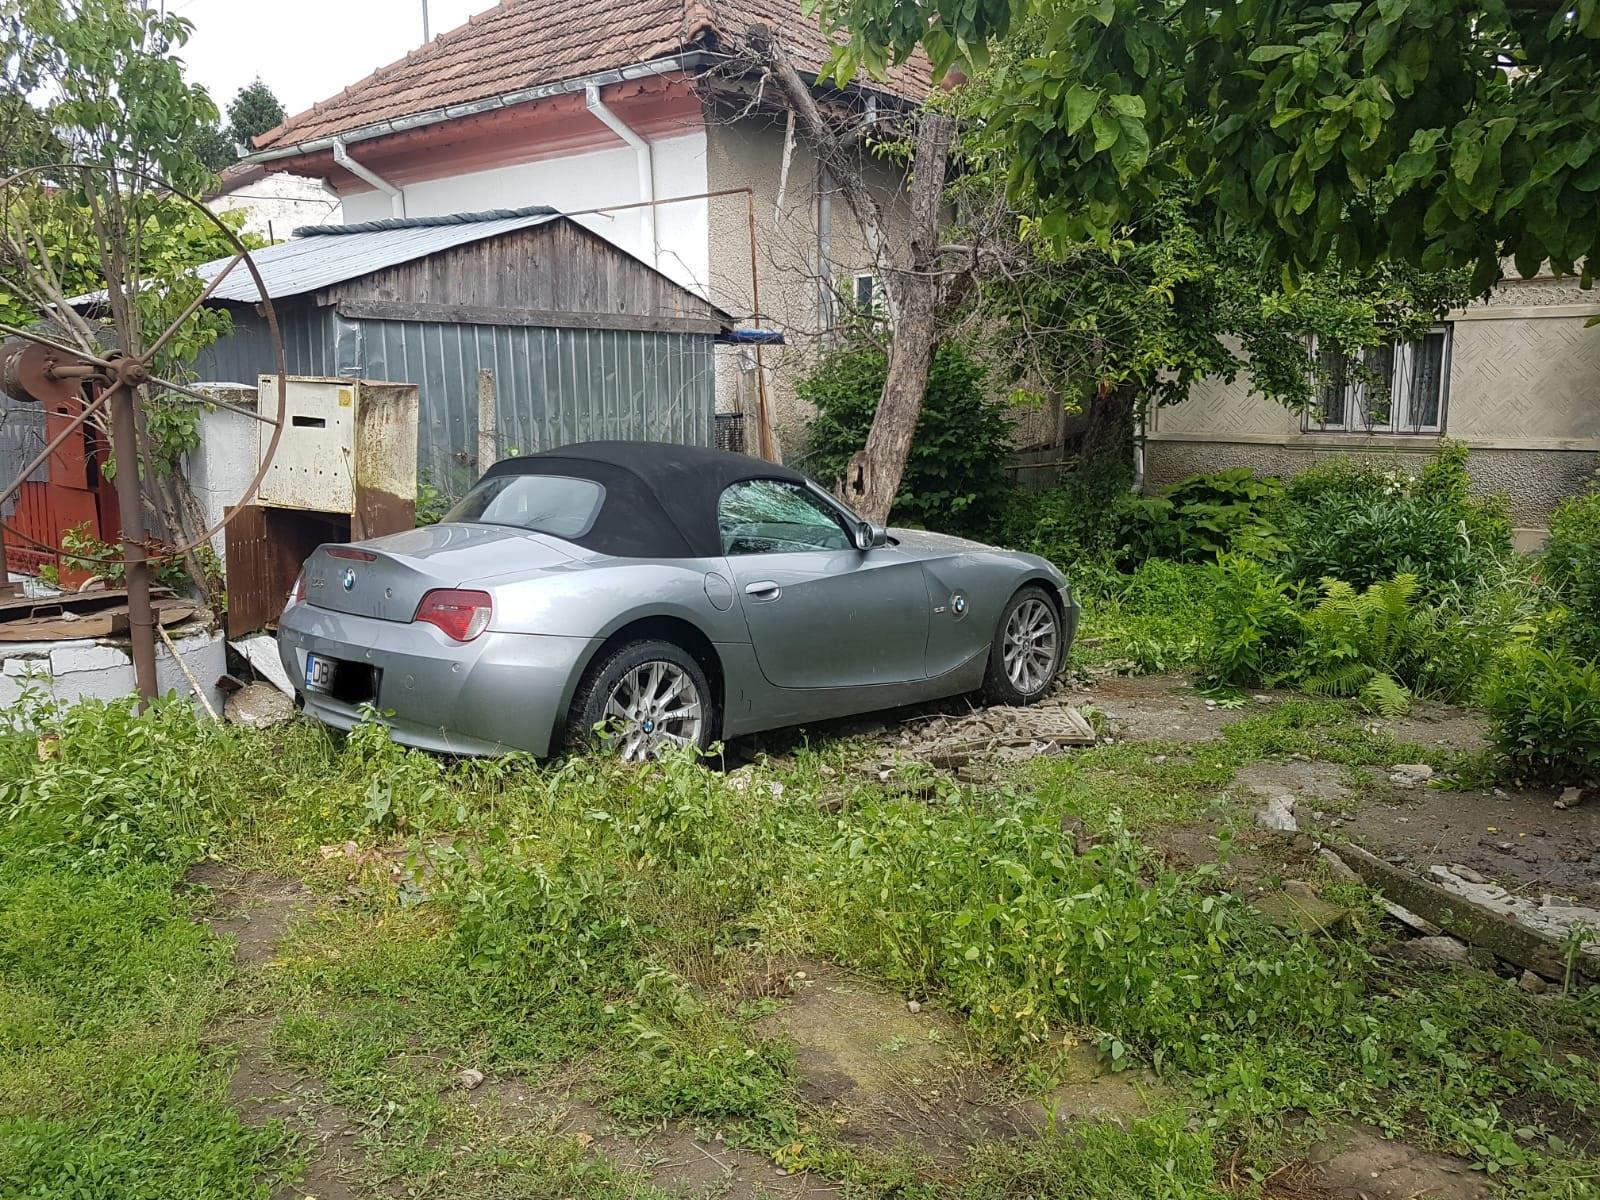 UN TÂNĂR CU BMW A DERAPAT ȘI A ACCIDENTAT UN MUNCITOR CARE LUCRA LA ASFALTAREA STRĂZII, LA RĂZVAD